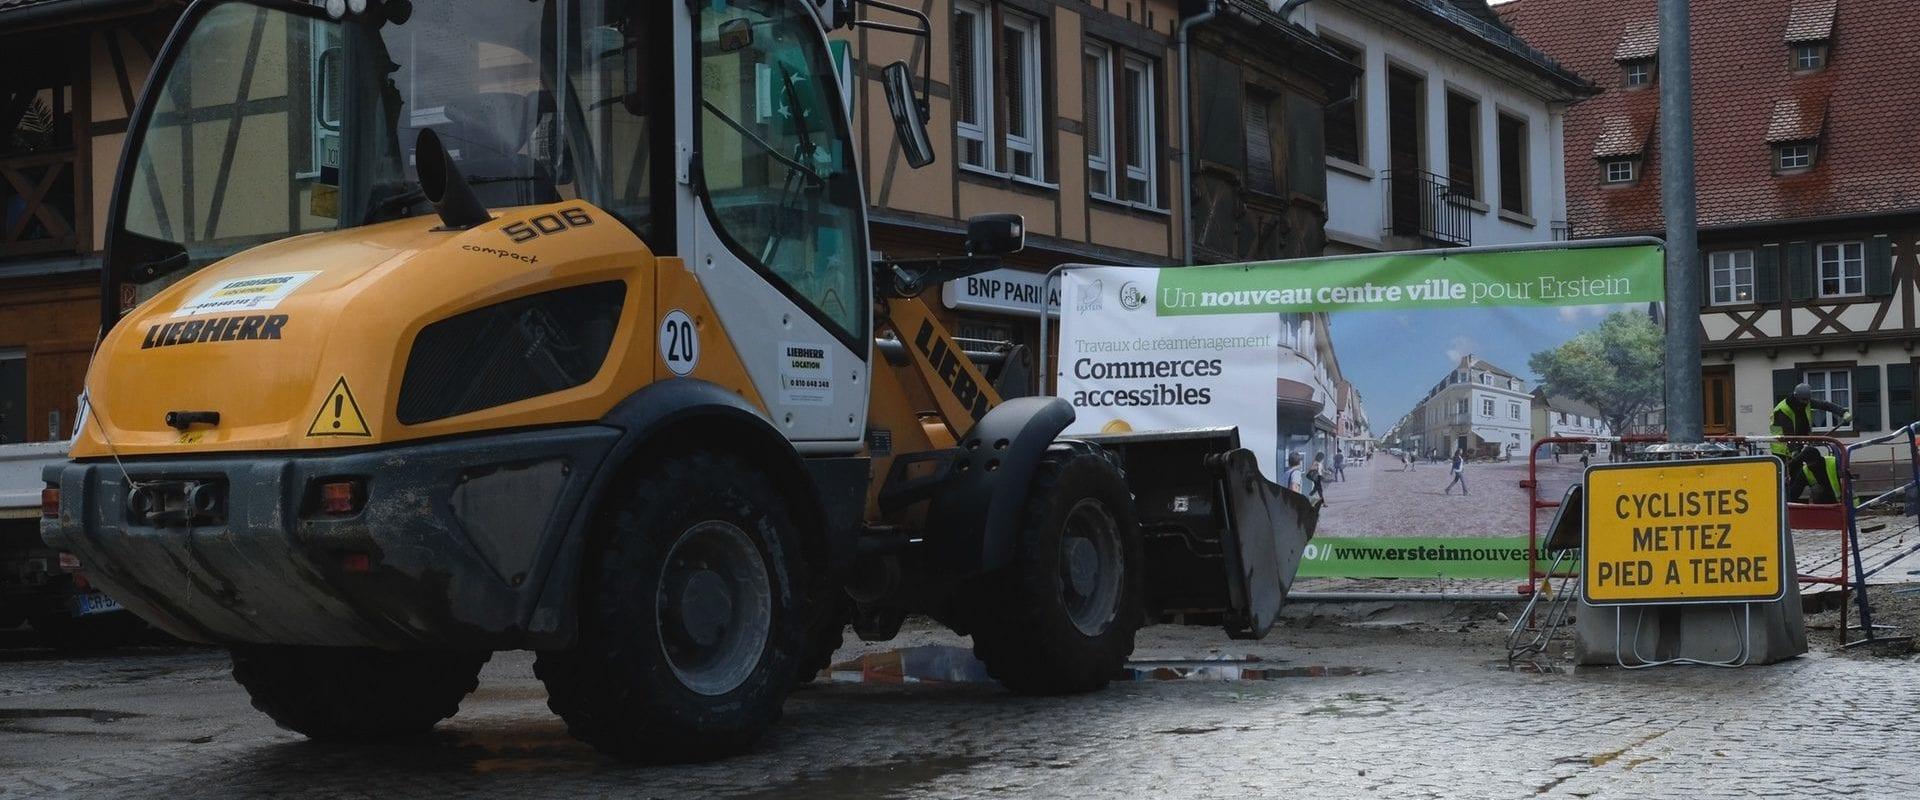 À Erstein, trois candidats et une obsession: éviter la mort du centre-ville